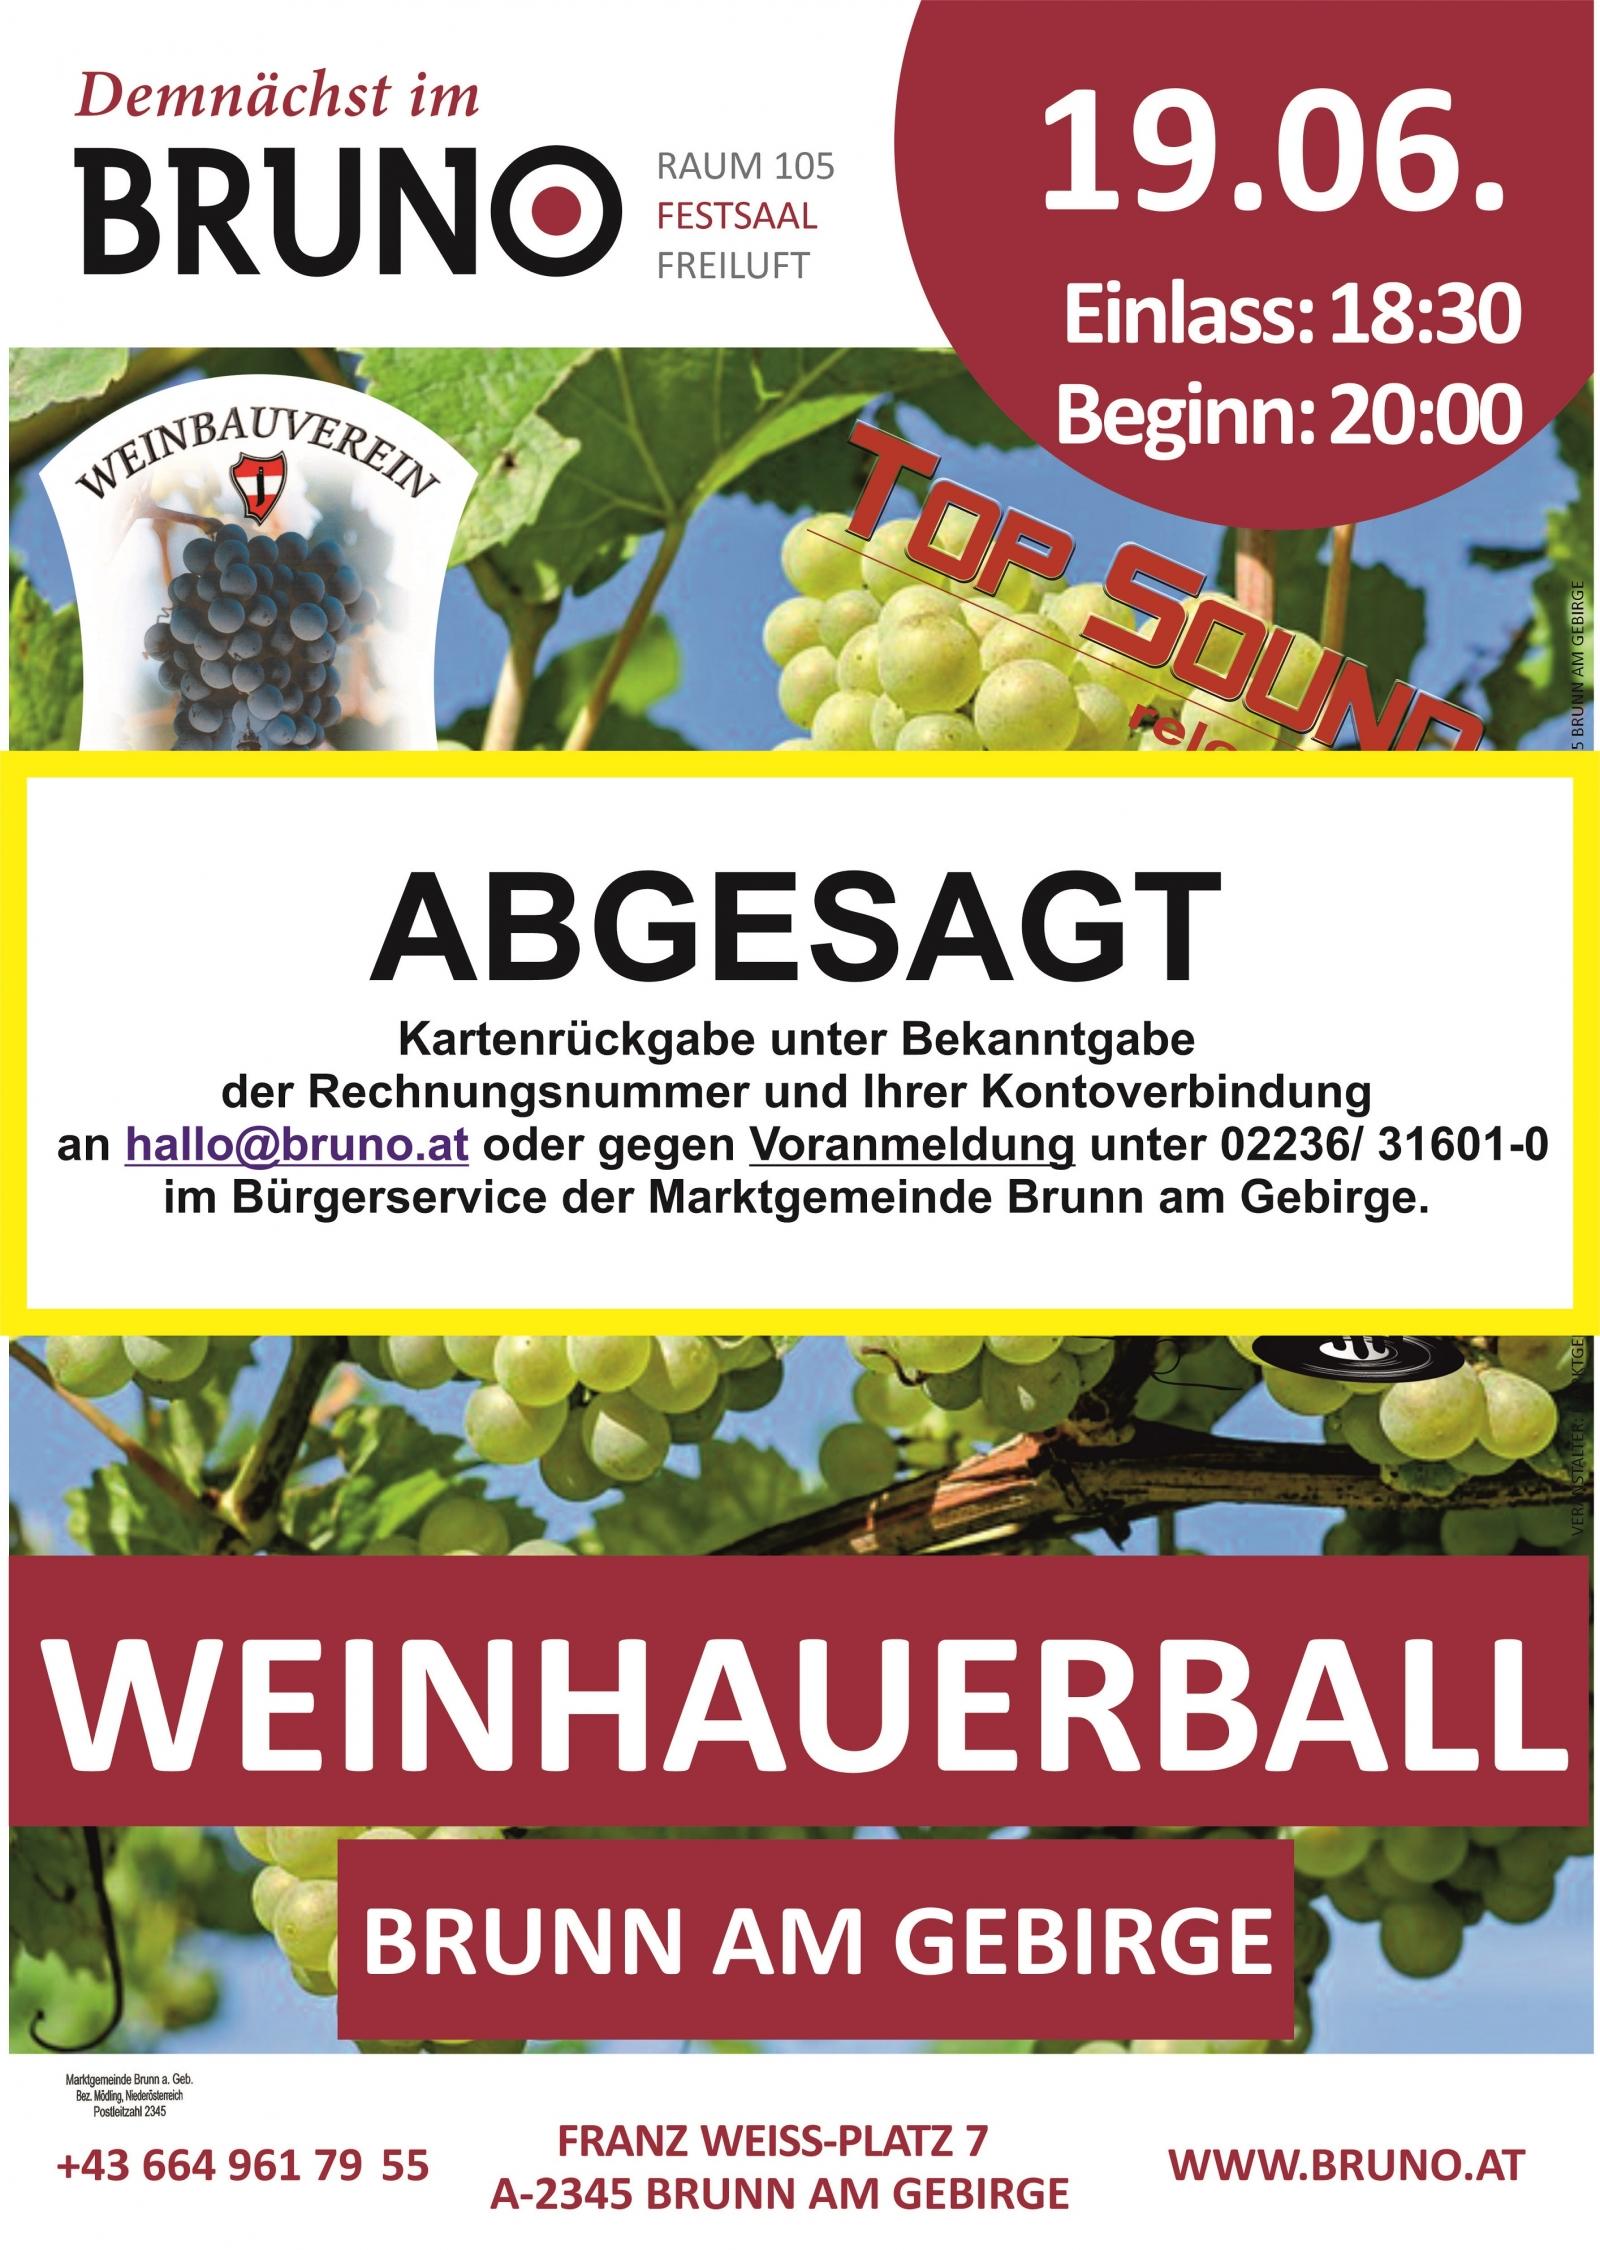 Weinhauerball Brunn am Gebirge